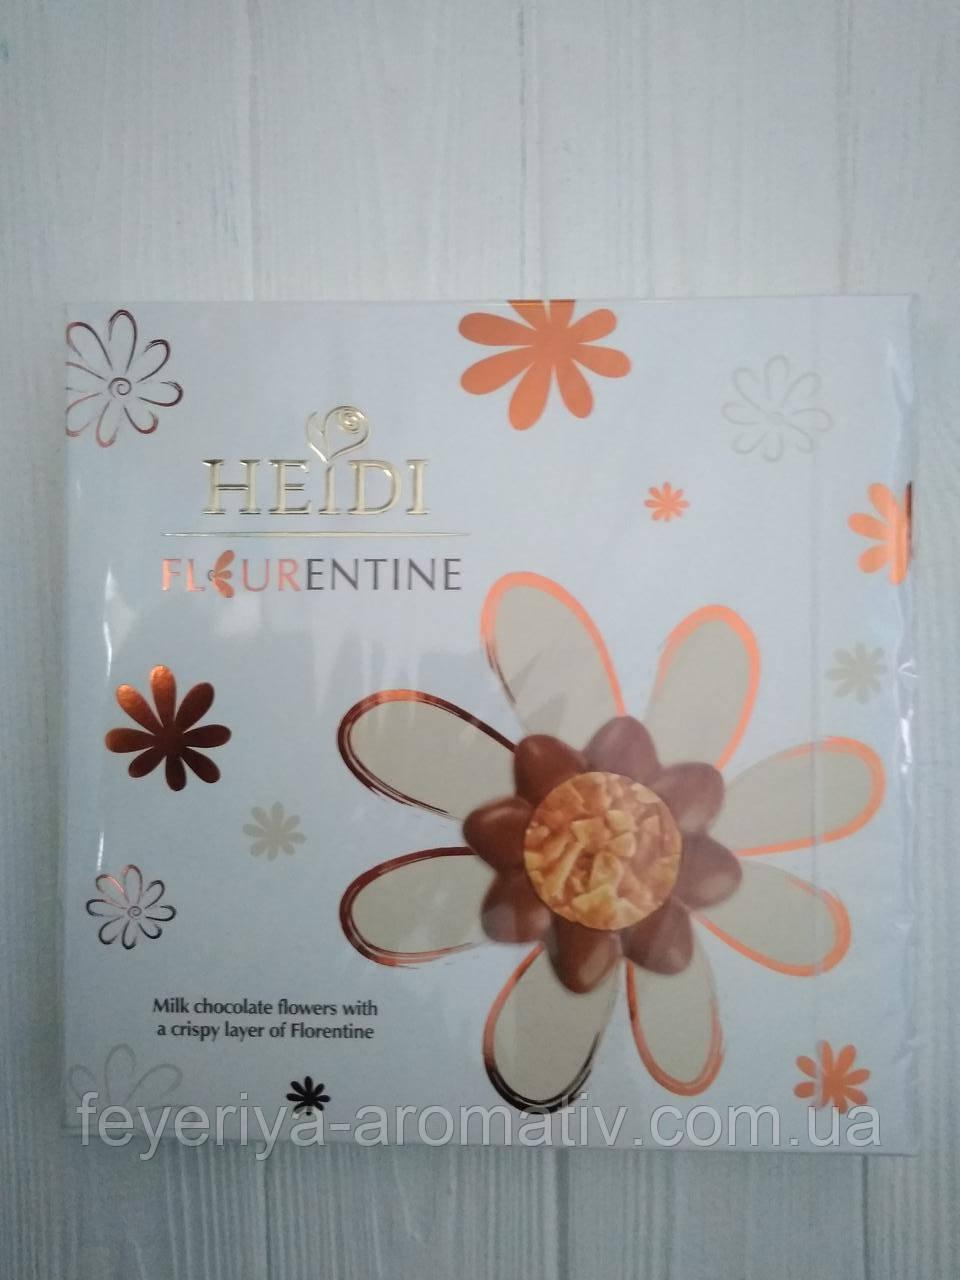 Шоколадные конфеты в коробке Heidi Fleurentine 100гр (Польша)